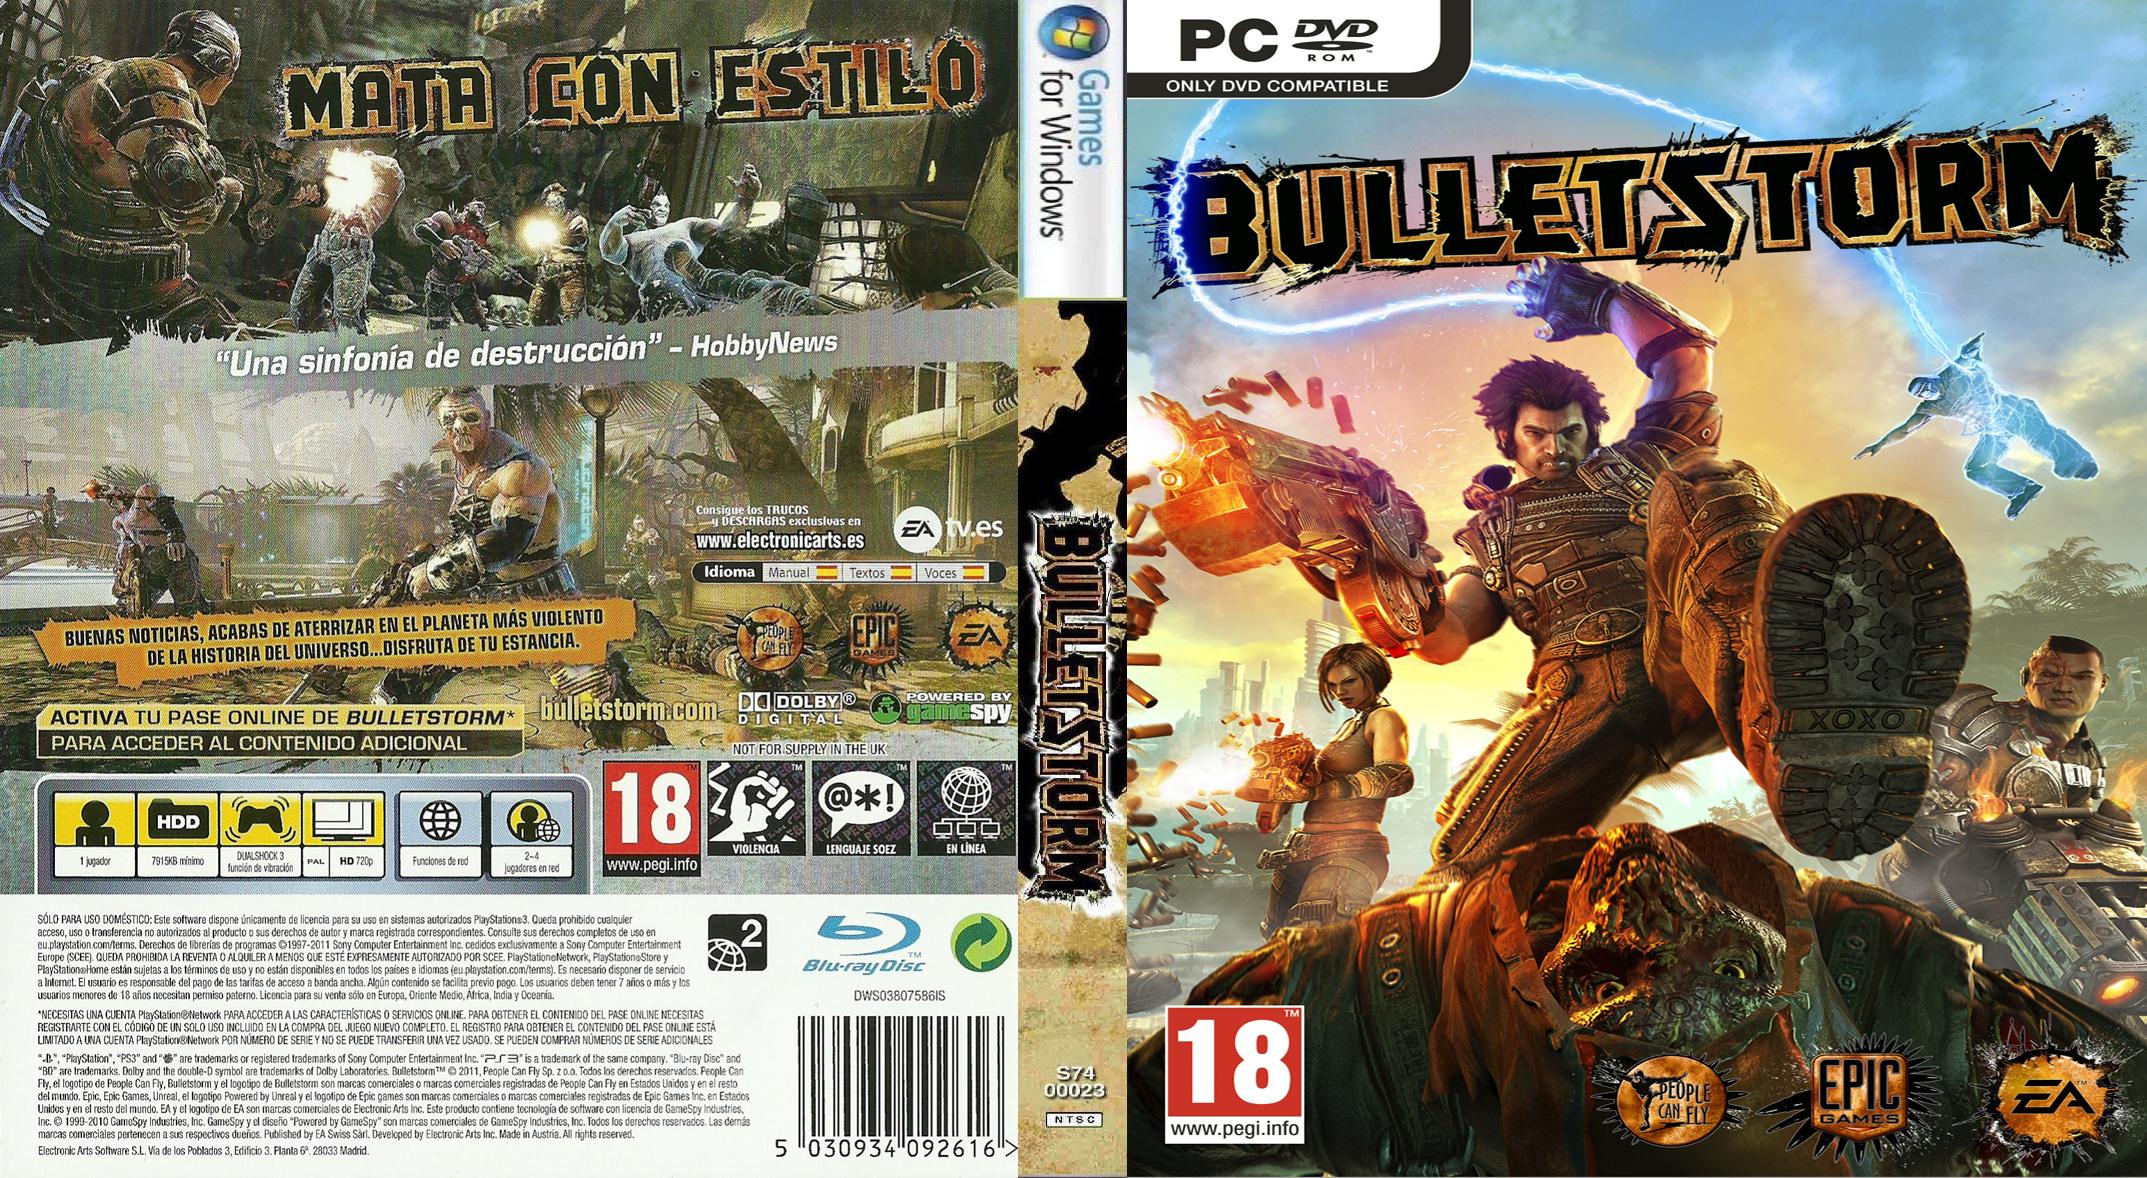 Mis caratulas de juegos en español (PC)